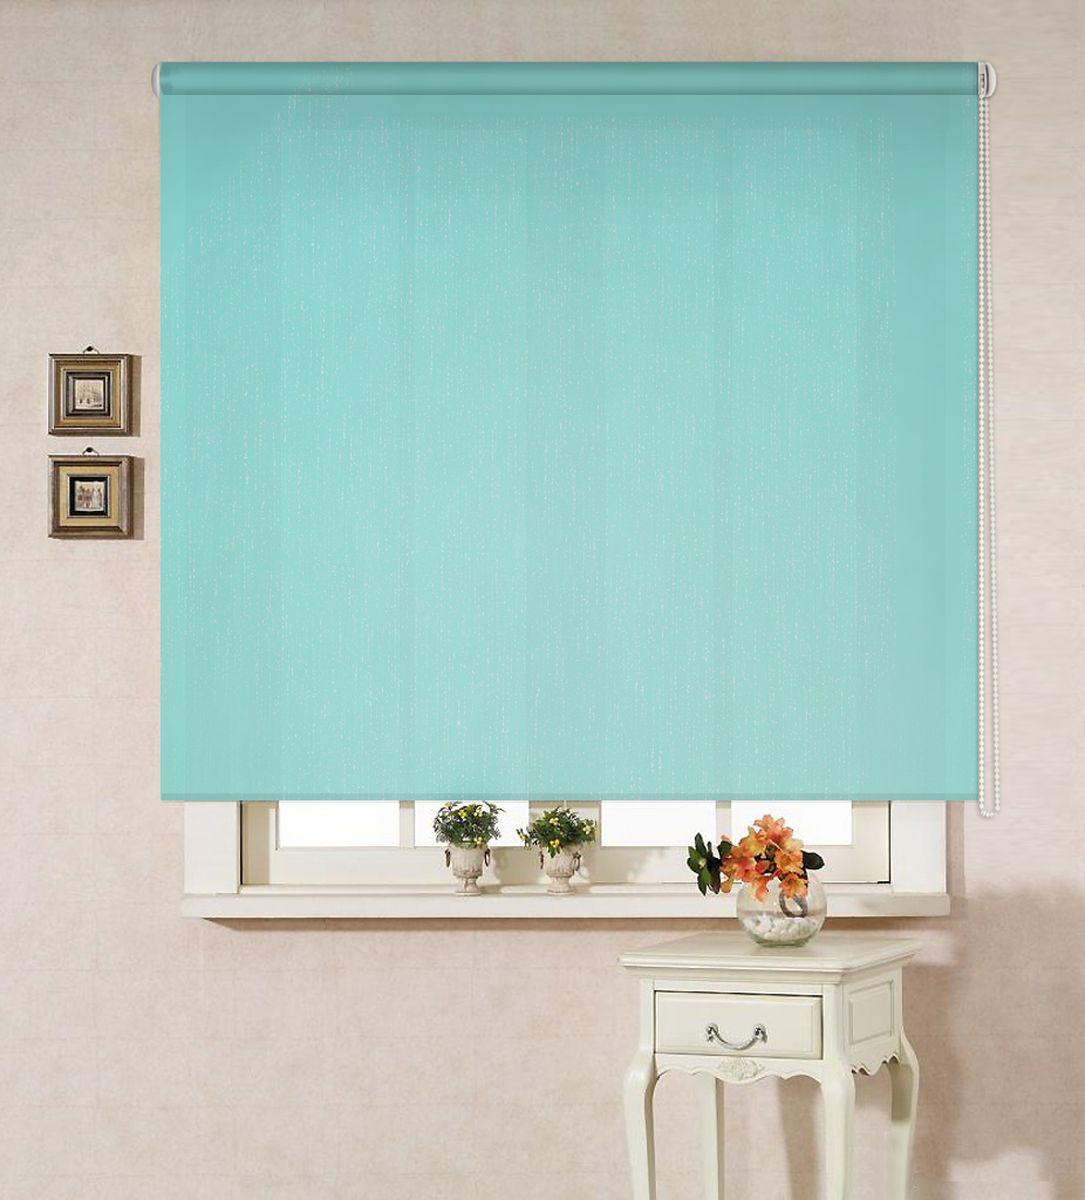 Штора рулонная Эскар Меланж, цвет: бирюзовый, ширина 80 см, высота 160 см2615S545JBРулонными шторами Эскар Меланж можно оформлять окна как самостоятельно, так и использовать в комбинации с портьерами. Это поможет предотвратить выгорание дорогой ткани на солнце и соединит функционал рулонных с красотой навесных. Преимущества применения рулонных штор для пластиковых окон: - имеют прекрасный внешний вид: многообразие и фактурность материала изделия отлично смотрятся в любом интерьере;- многофункциональны: есть возможность подобрать шторы способные эффективно защитить комнату от солнца, при этом она не будет слишком темной;- есть возможность осуществить быстрый монтаж.ВНИМАНИЕ! Размеры ширины изделия указаны по ширине ткани! Во время эксплуатации не рекомендуется полностью разматывать рулон, чтобы не оторвать ткань от намоточного вала. В случае загрязнения поверхности ткани, чистку шторы проводят одним из способов, в зависимости от типа загрязнения:легкое поверхностное загрязнение можно удалить при помощи канцелярского ластика;чистка от пыли производится сухим методом при помощи пылесоса с мягкой щеткой-насадкой;для удаления пятна используйте мягкую губку с пенообразующим неагрессивным моющим средством или пятновыводитель на натуральной основе (нельзя применять растворители).